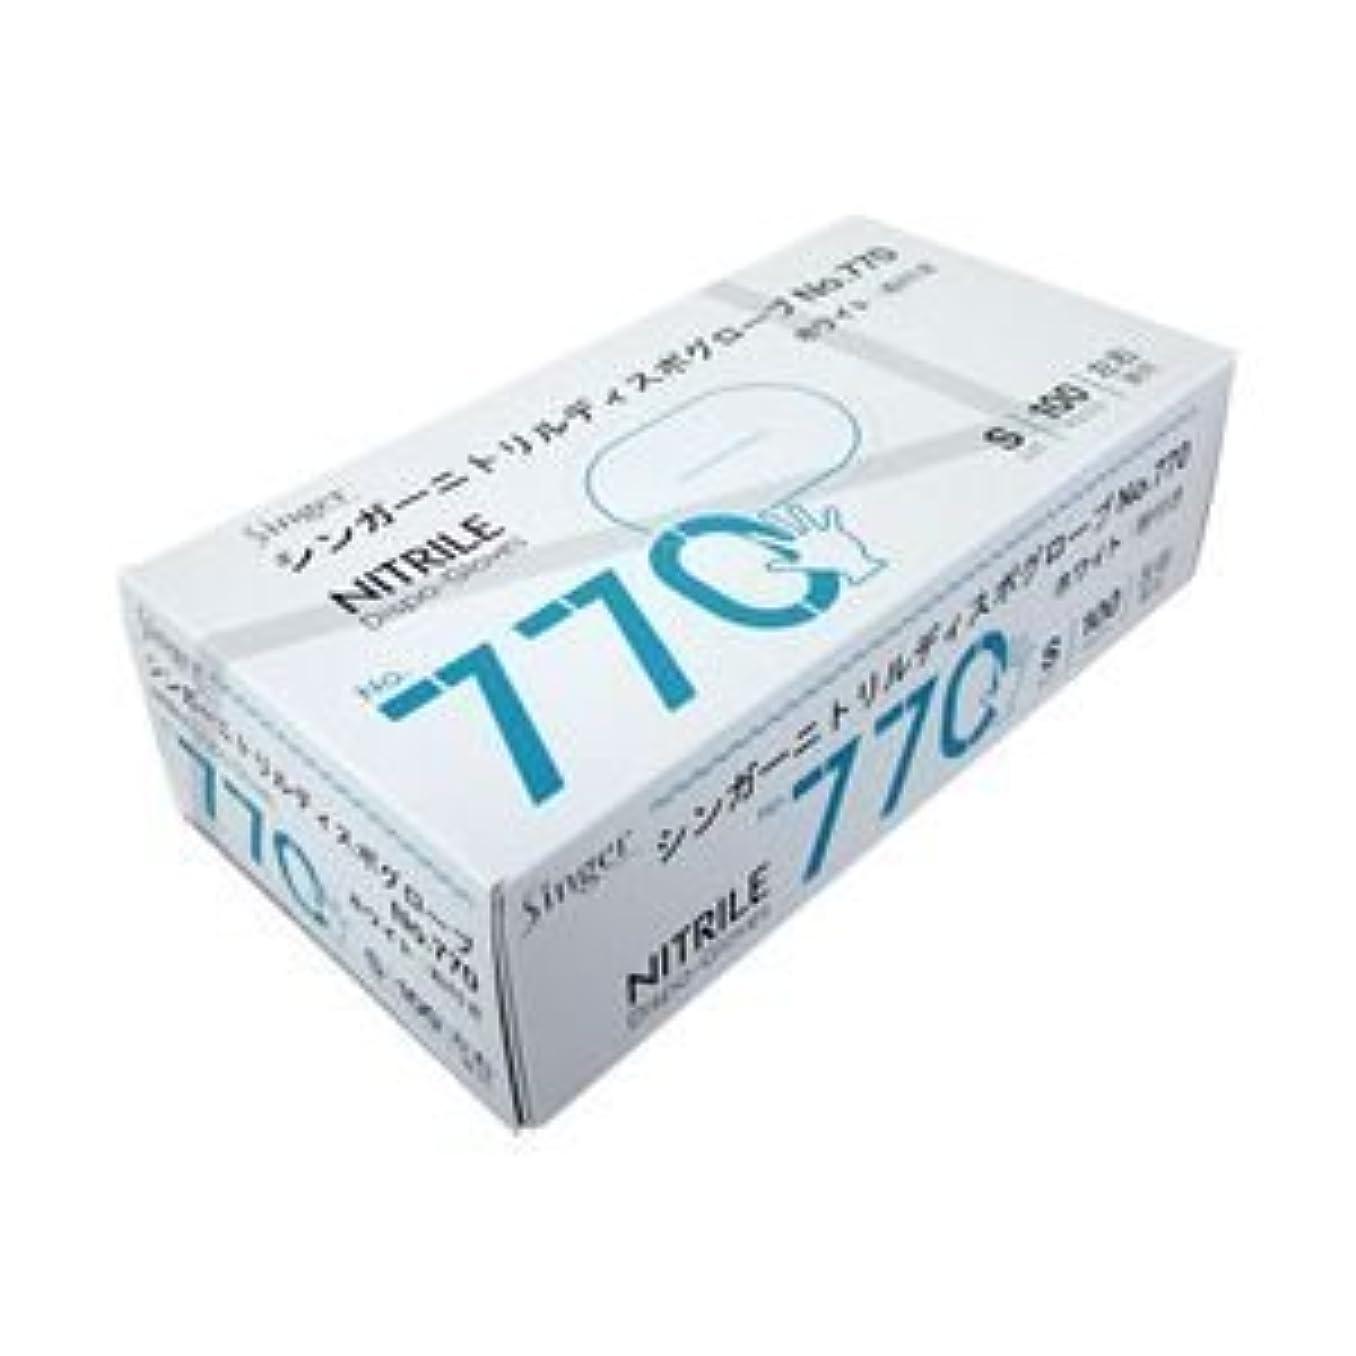 無秩序水族館窓宇都宮製作 ニトリル手袋770 粉付き S 1箱(100枚) ×5セット